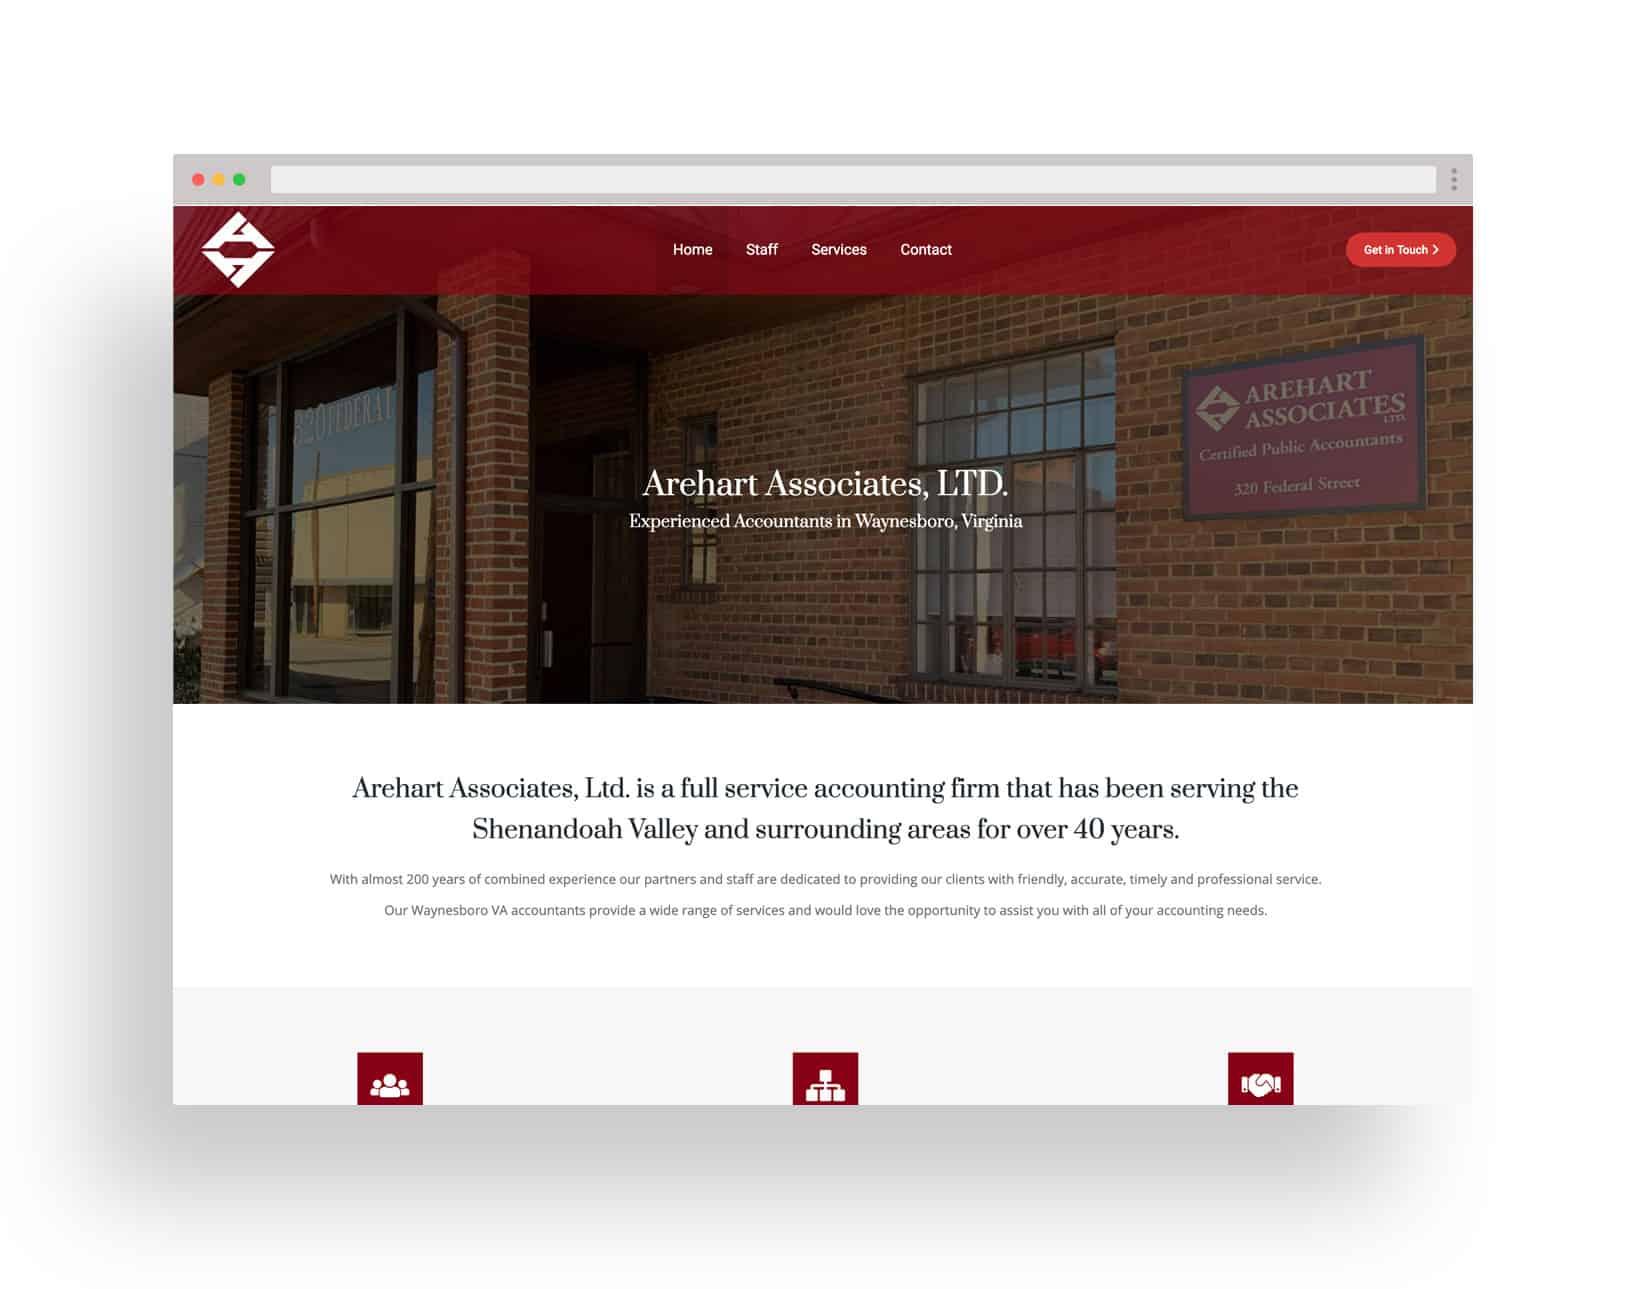 Studio JWAL Web Design Client - Arehart Associates Ltd